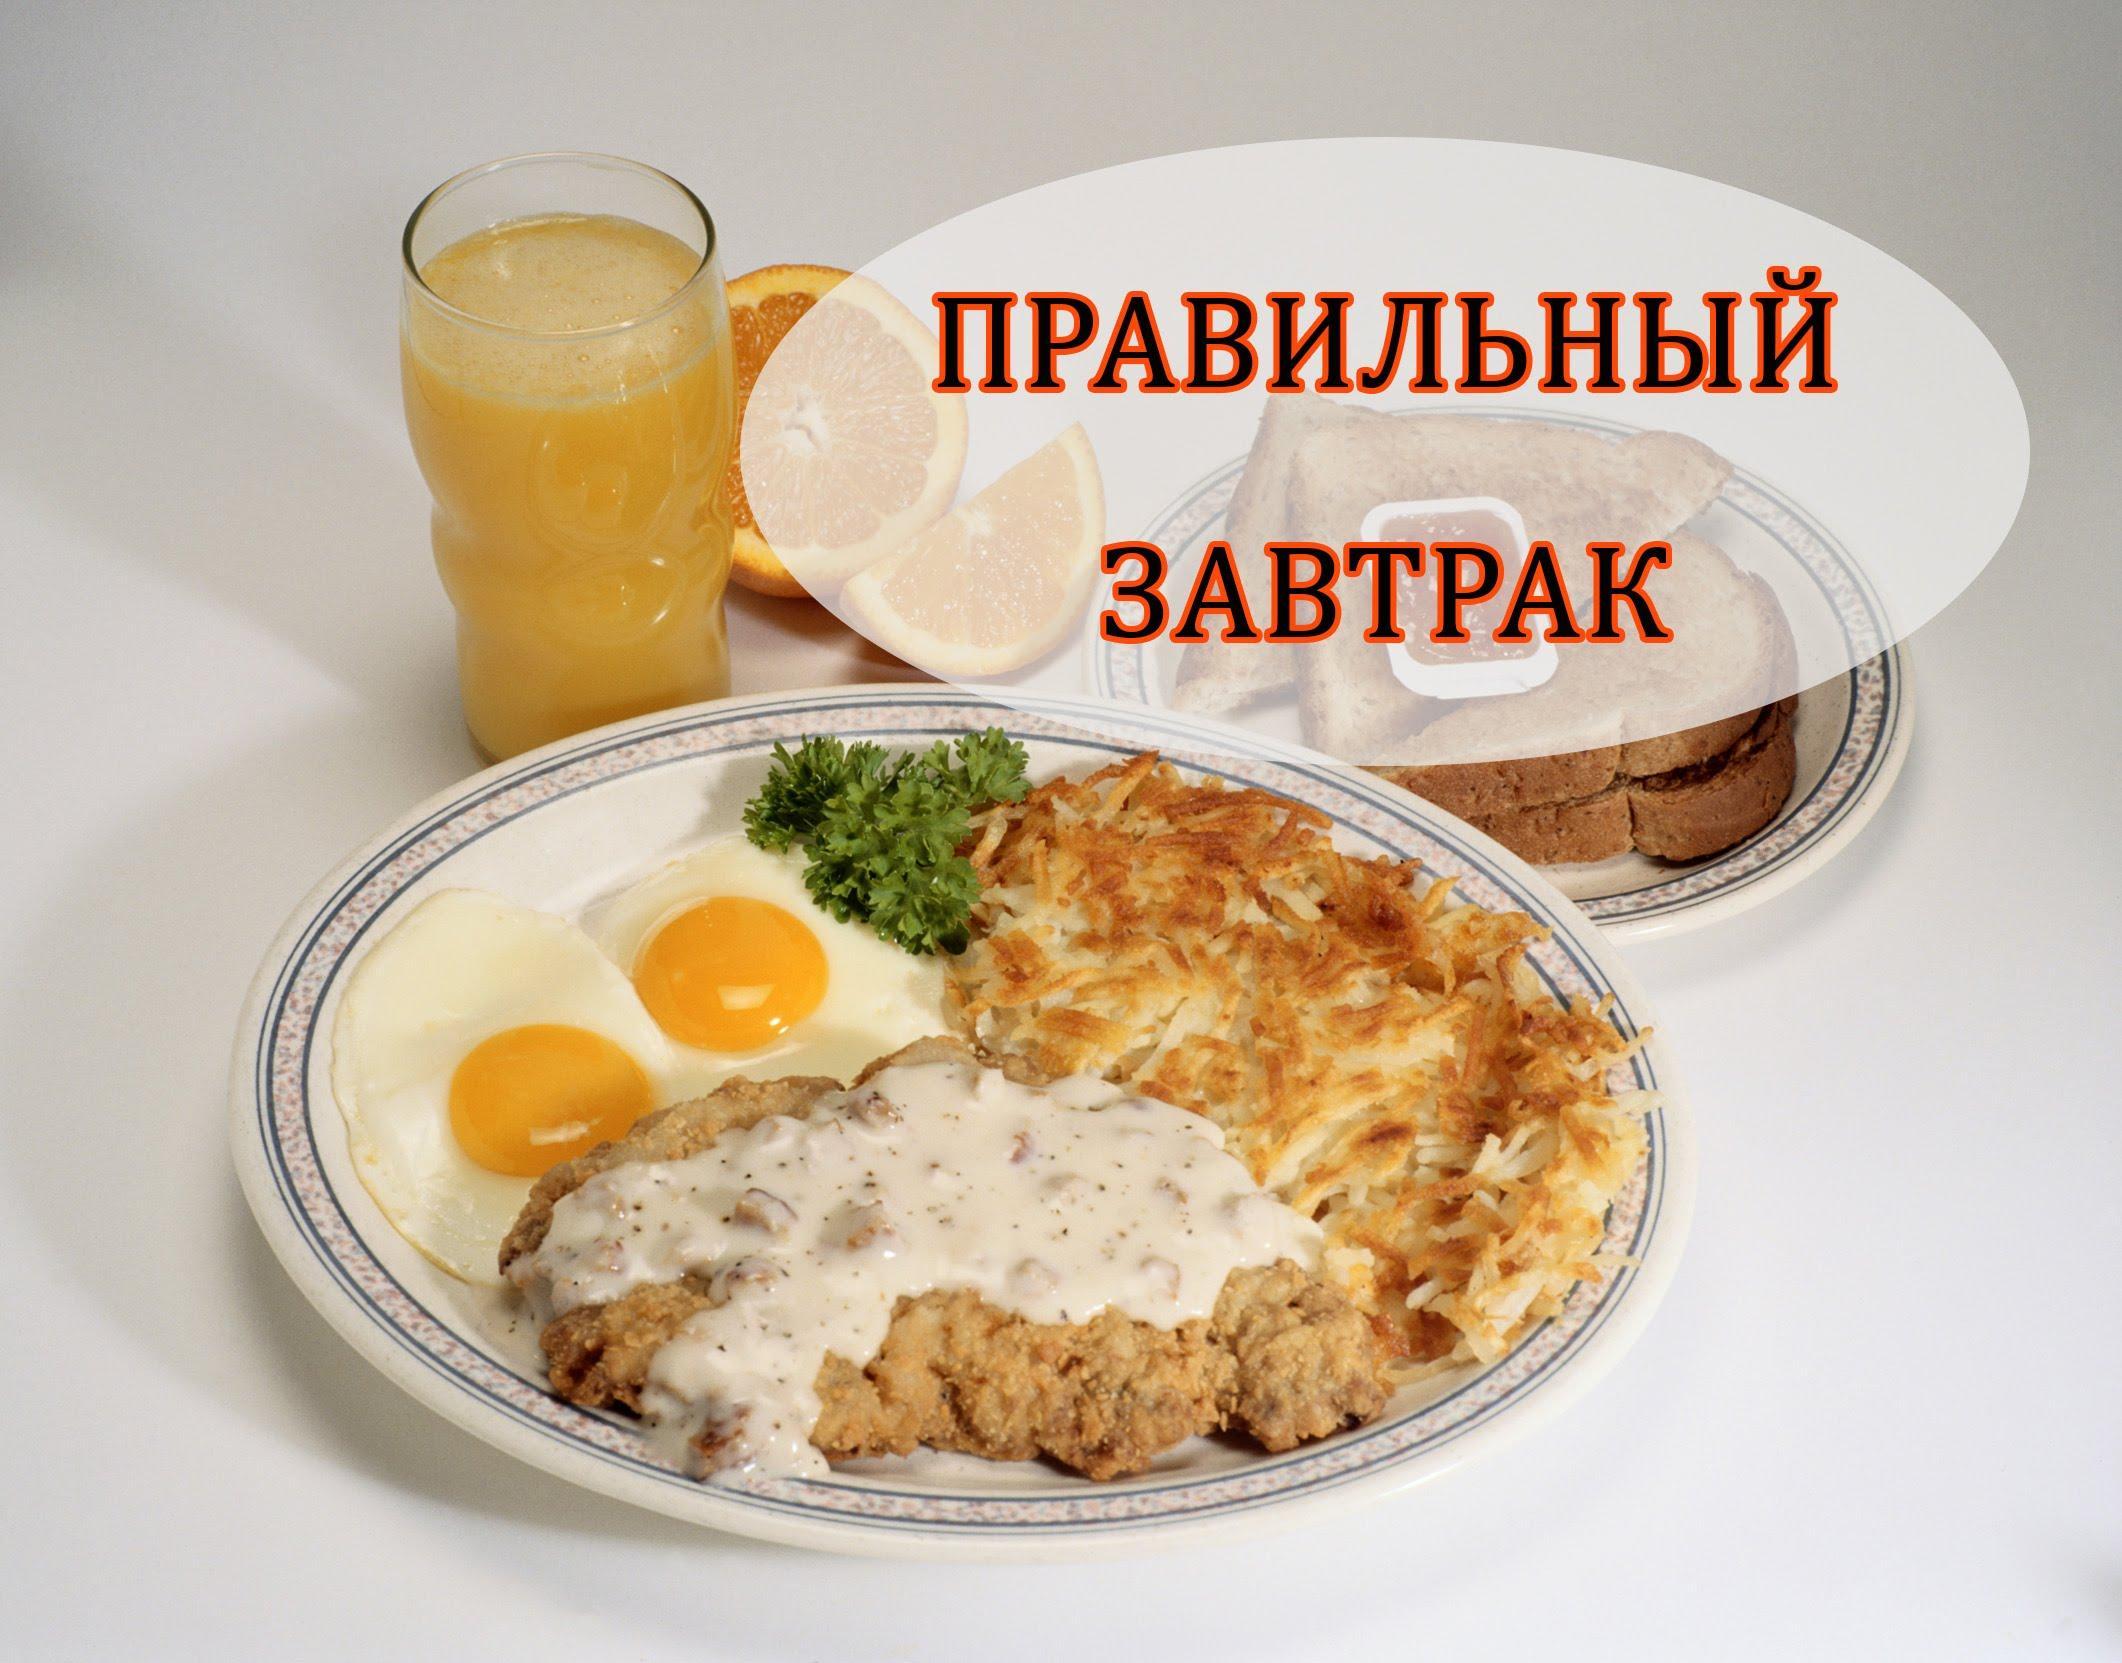 Топ-10 правильных завтраков для похудения